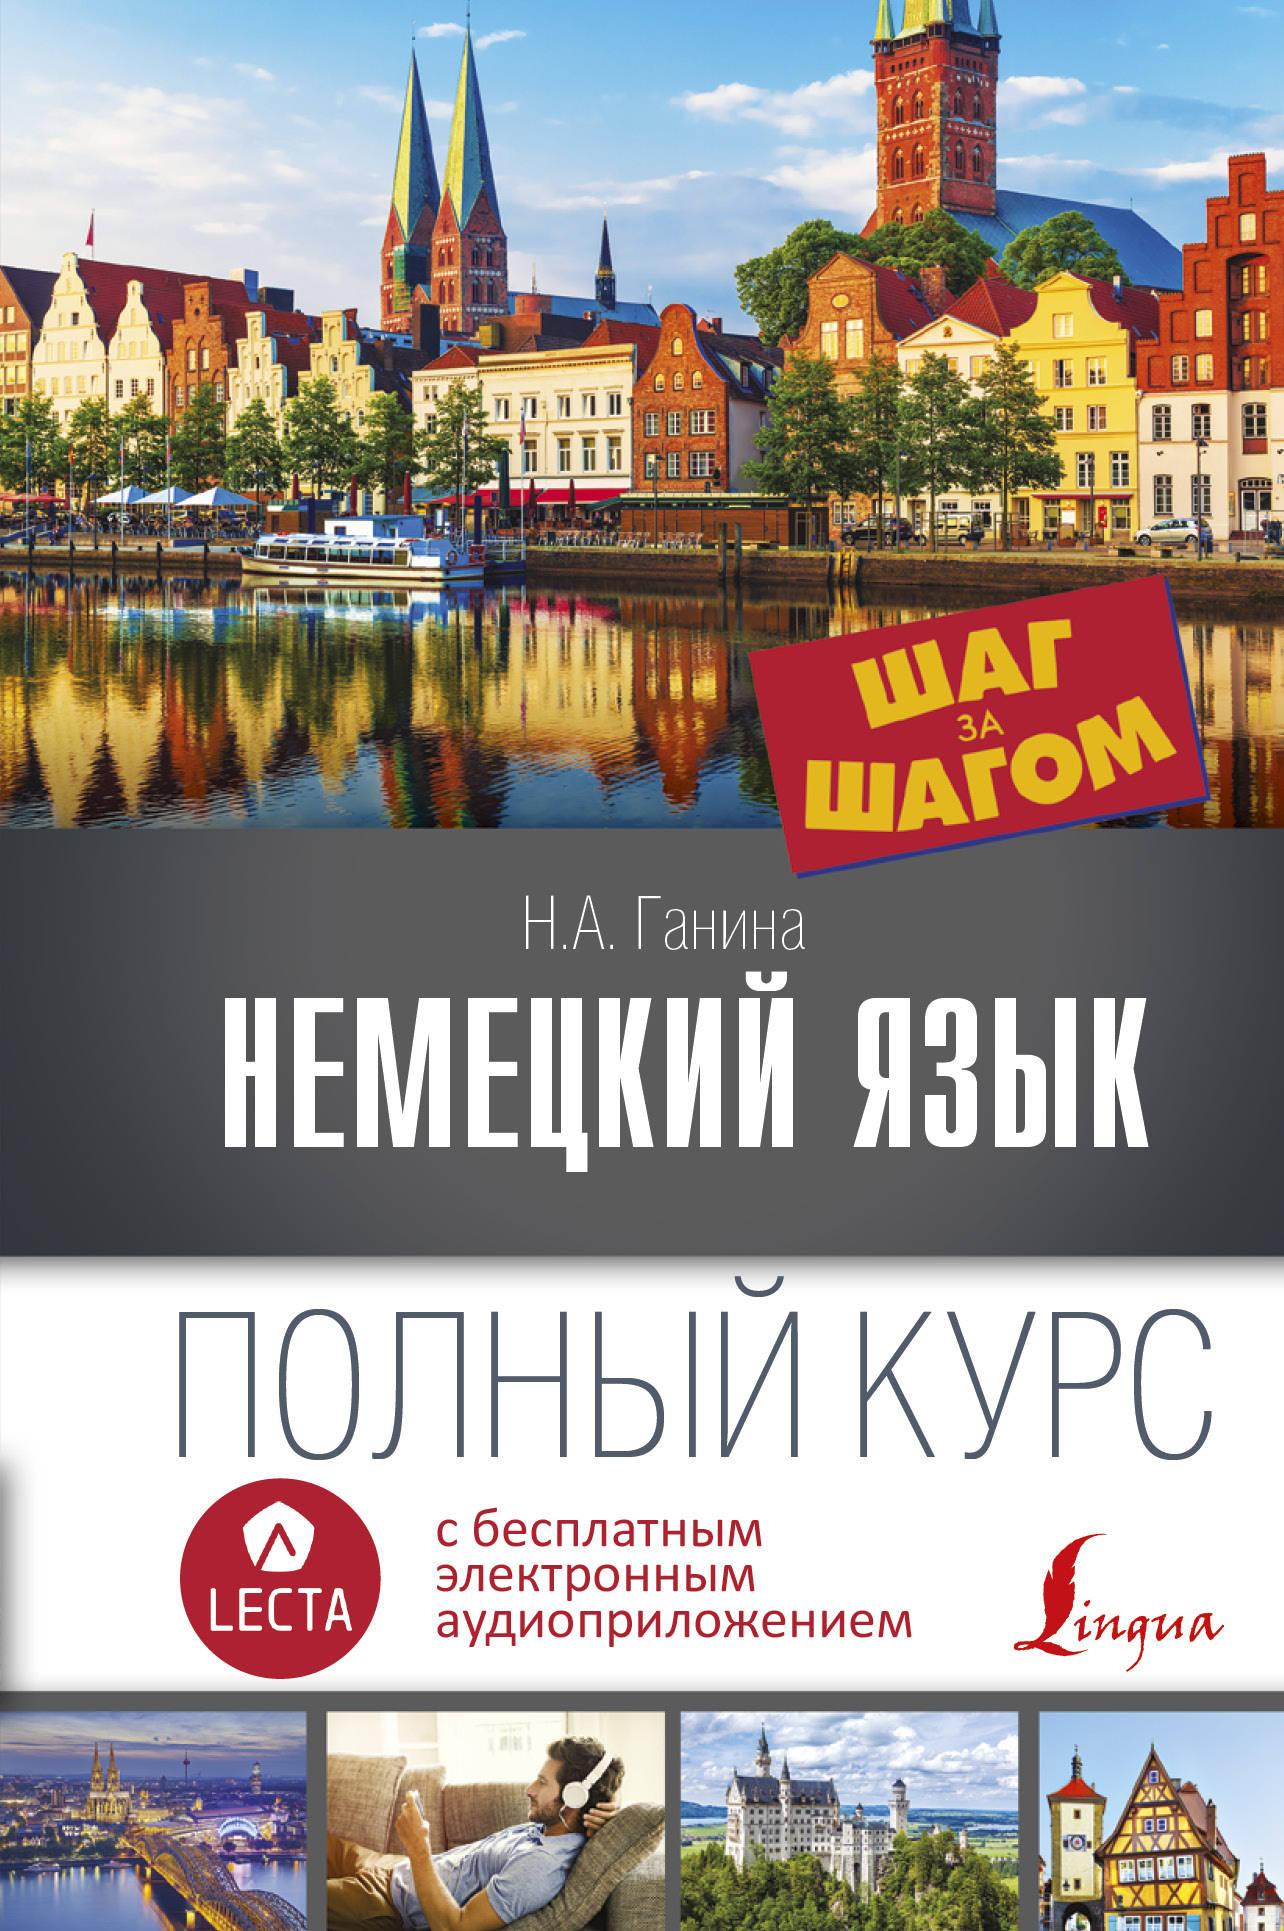 купить Наталия Ганина Немецкий язык. Полный курс шаг за шагом (+ аудиоприложение LECTA) по цене 430 рублей